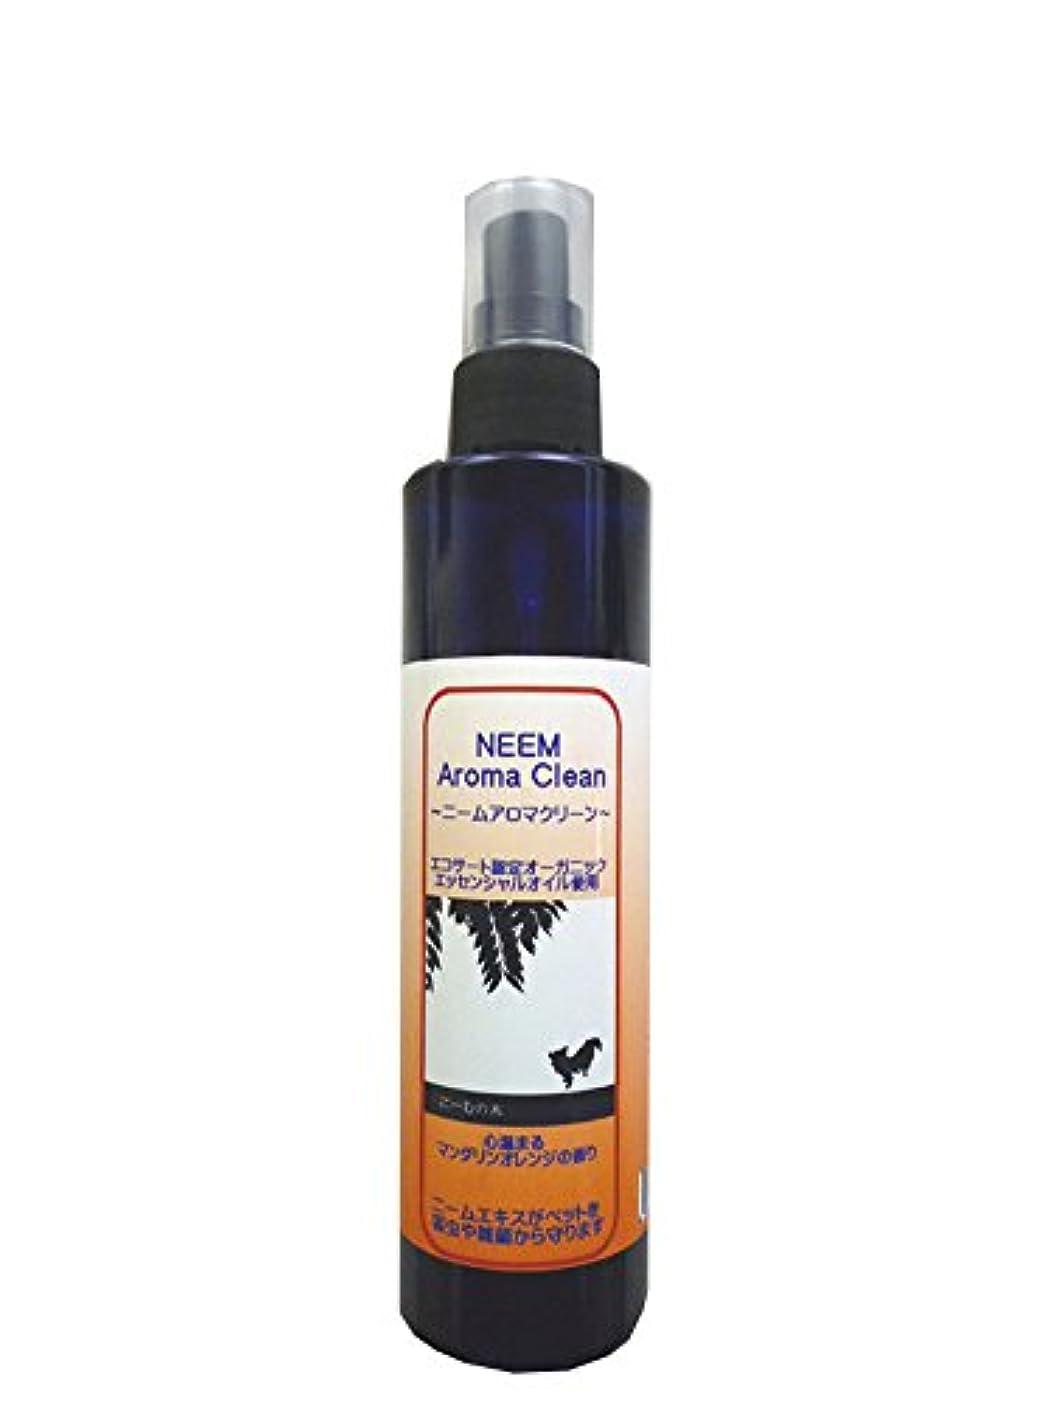 戸口サーキュレーション巨人ニームアロマクリーン(マンダリンオレンジ) NEEM Aroma Clean 200ml 【BLOOM】【(ノミ?ダニ)駆除用としてもお使いいただけます。】